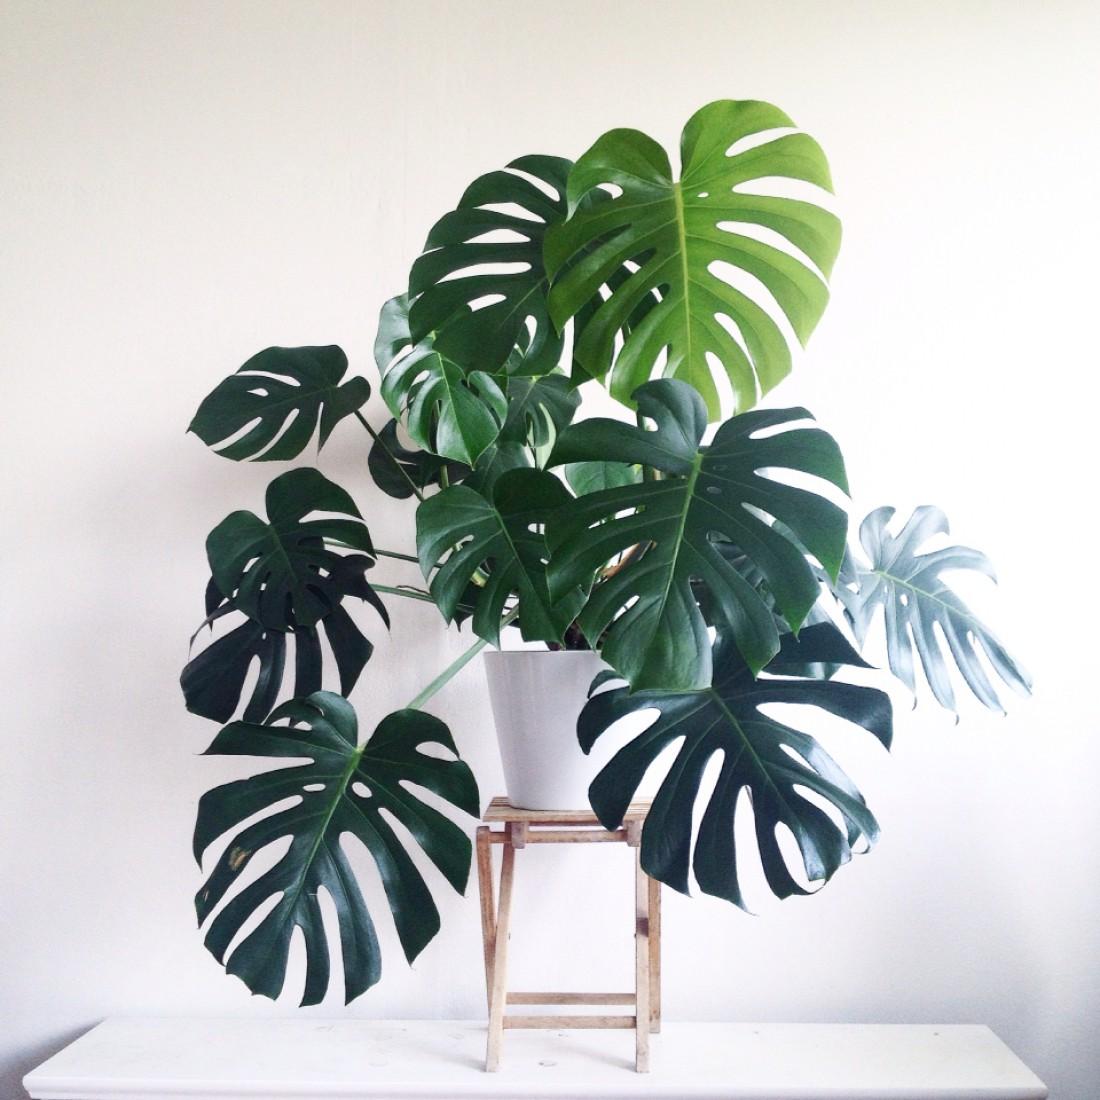 Внимательно следи за поведением растения